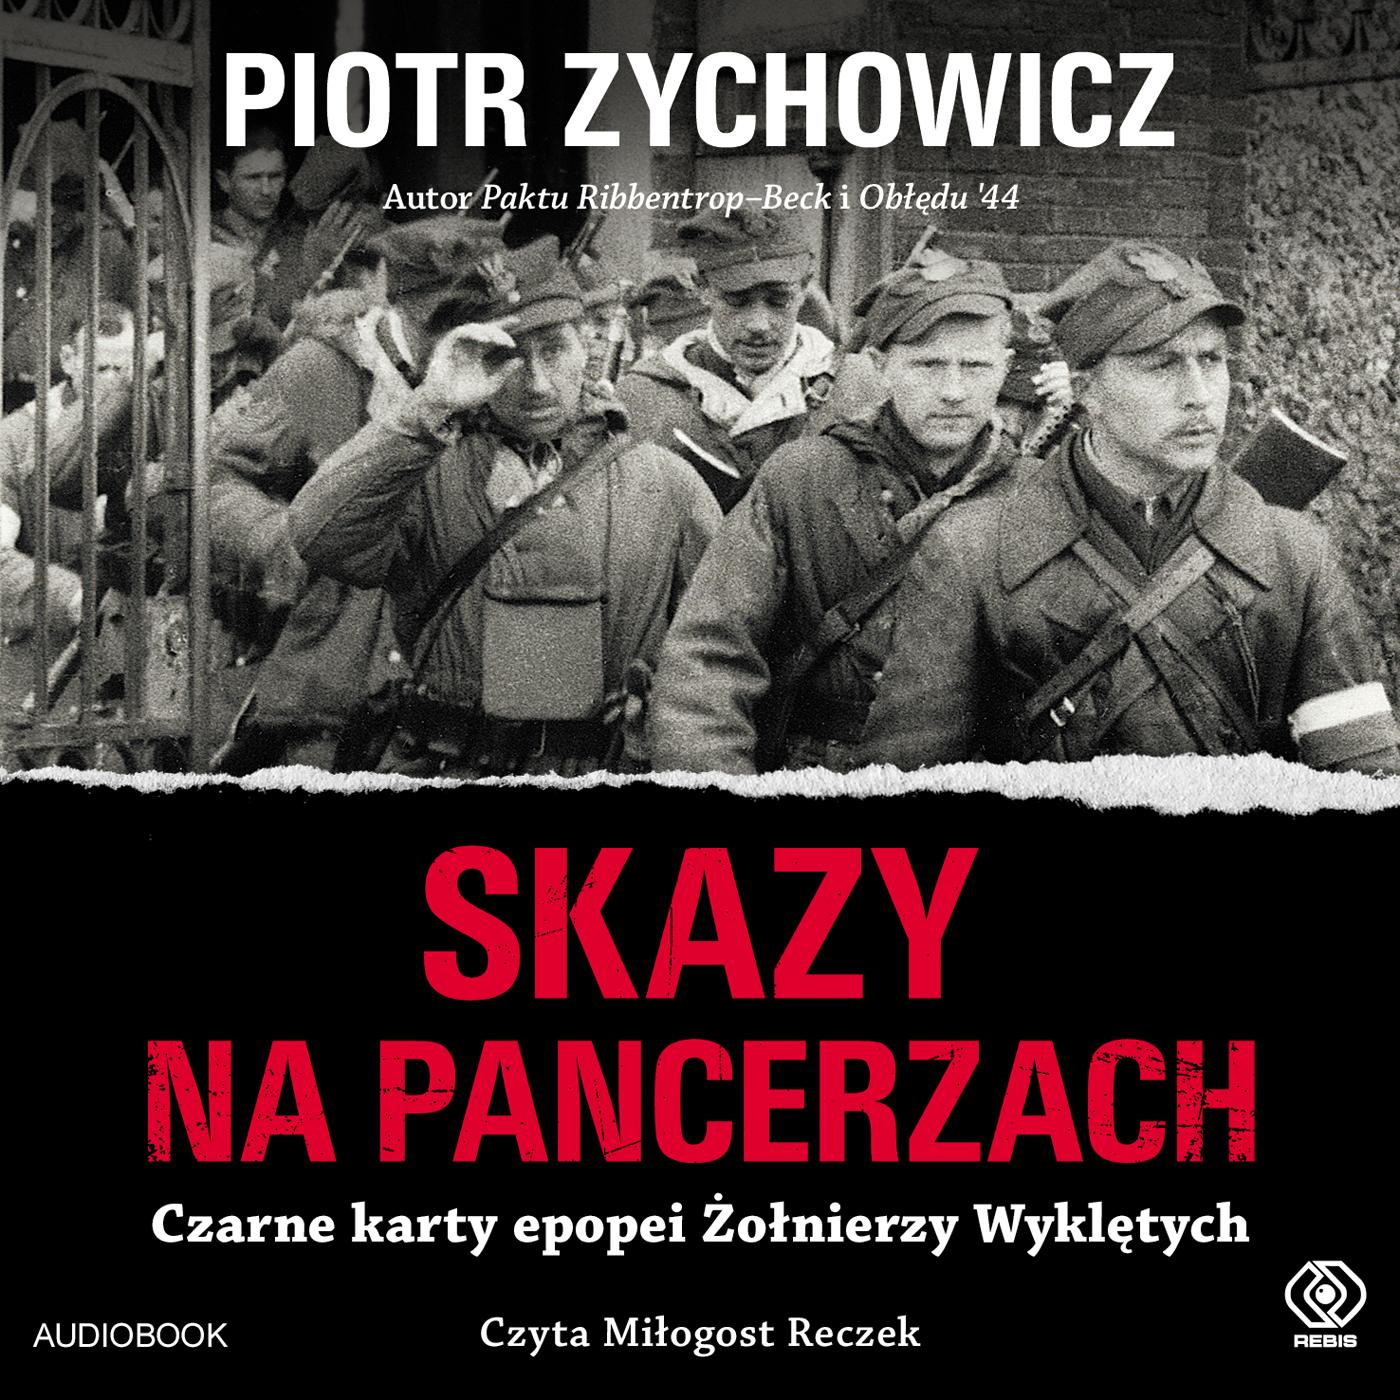 CD MP3 SKAZY NA PANCERZACH CZARNE KARTY EPOPEI ŻOŁNIERZY WYKLĘTYCH HISTORIA,